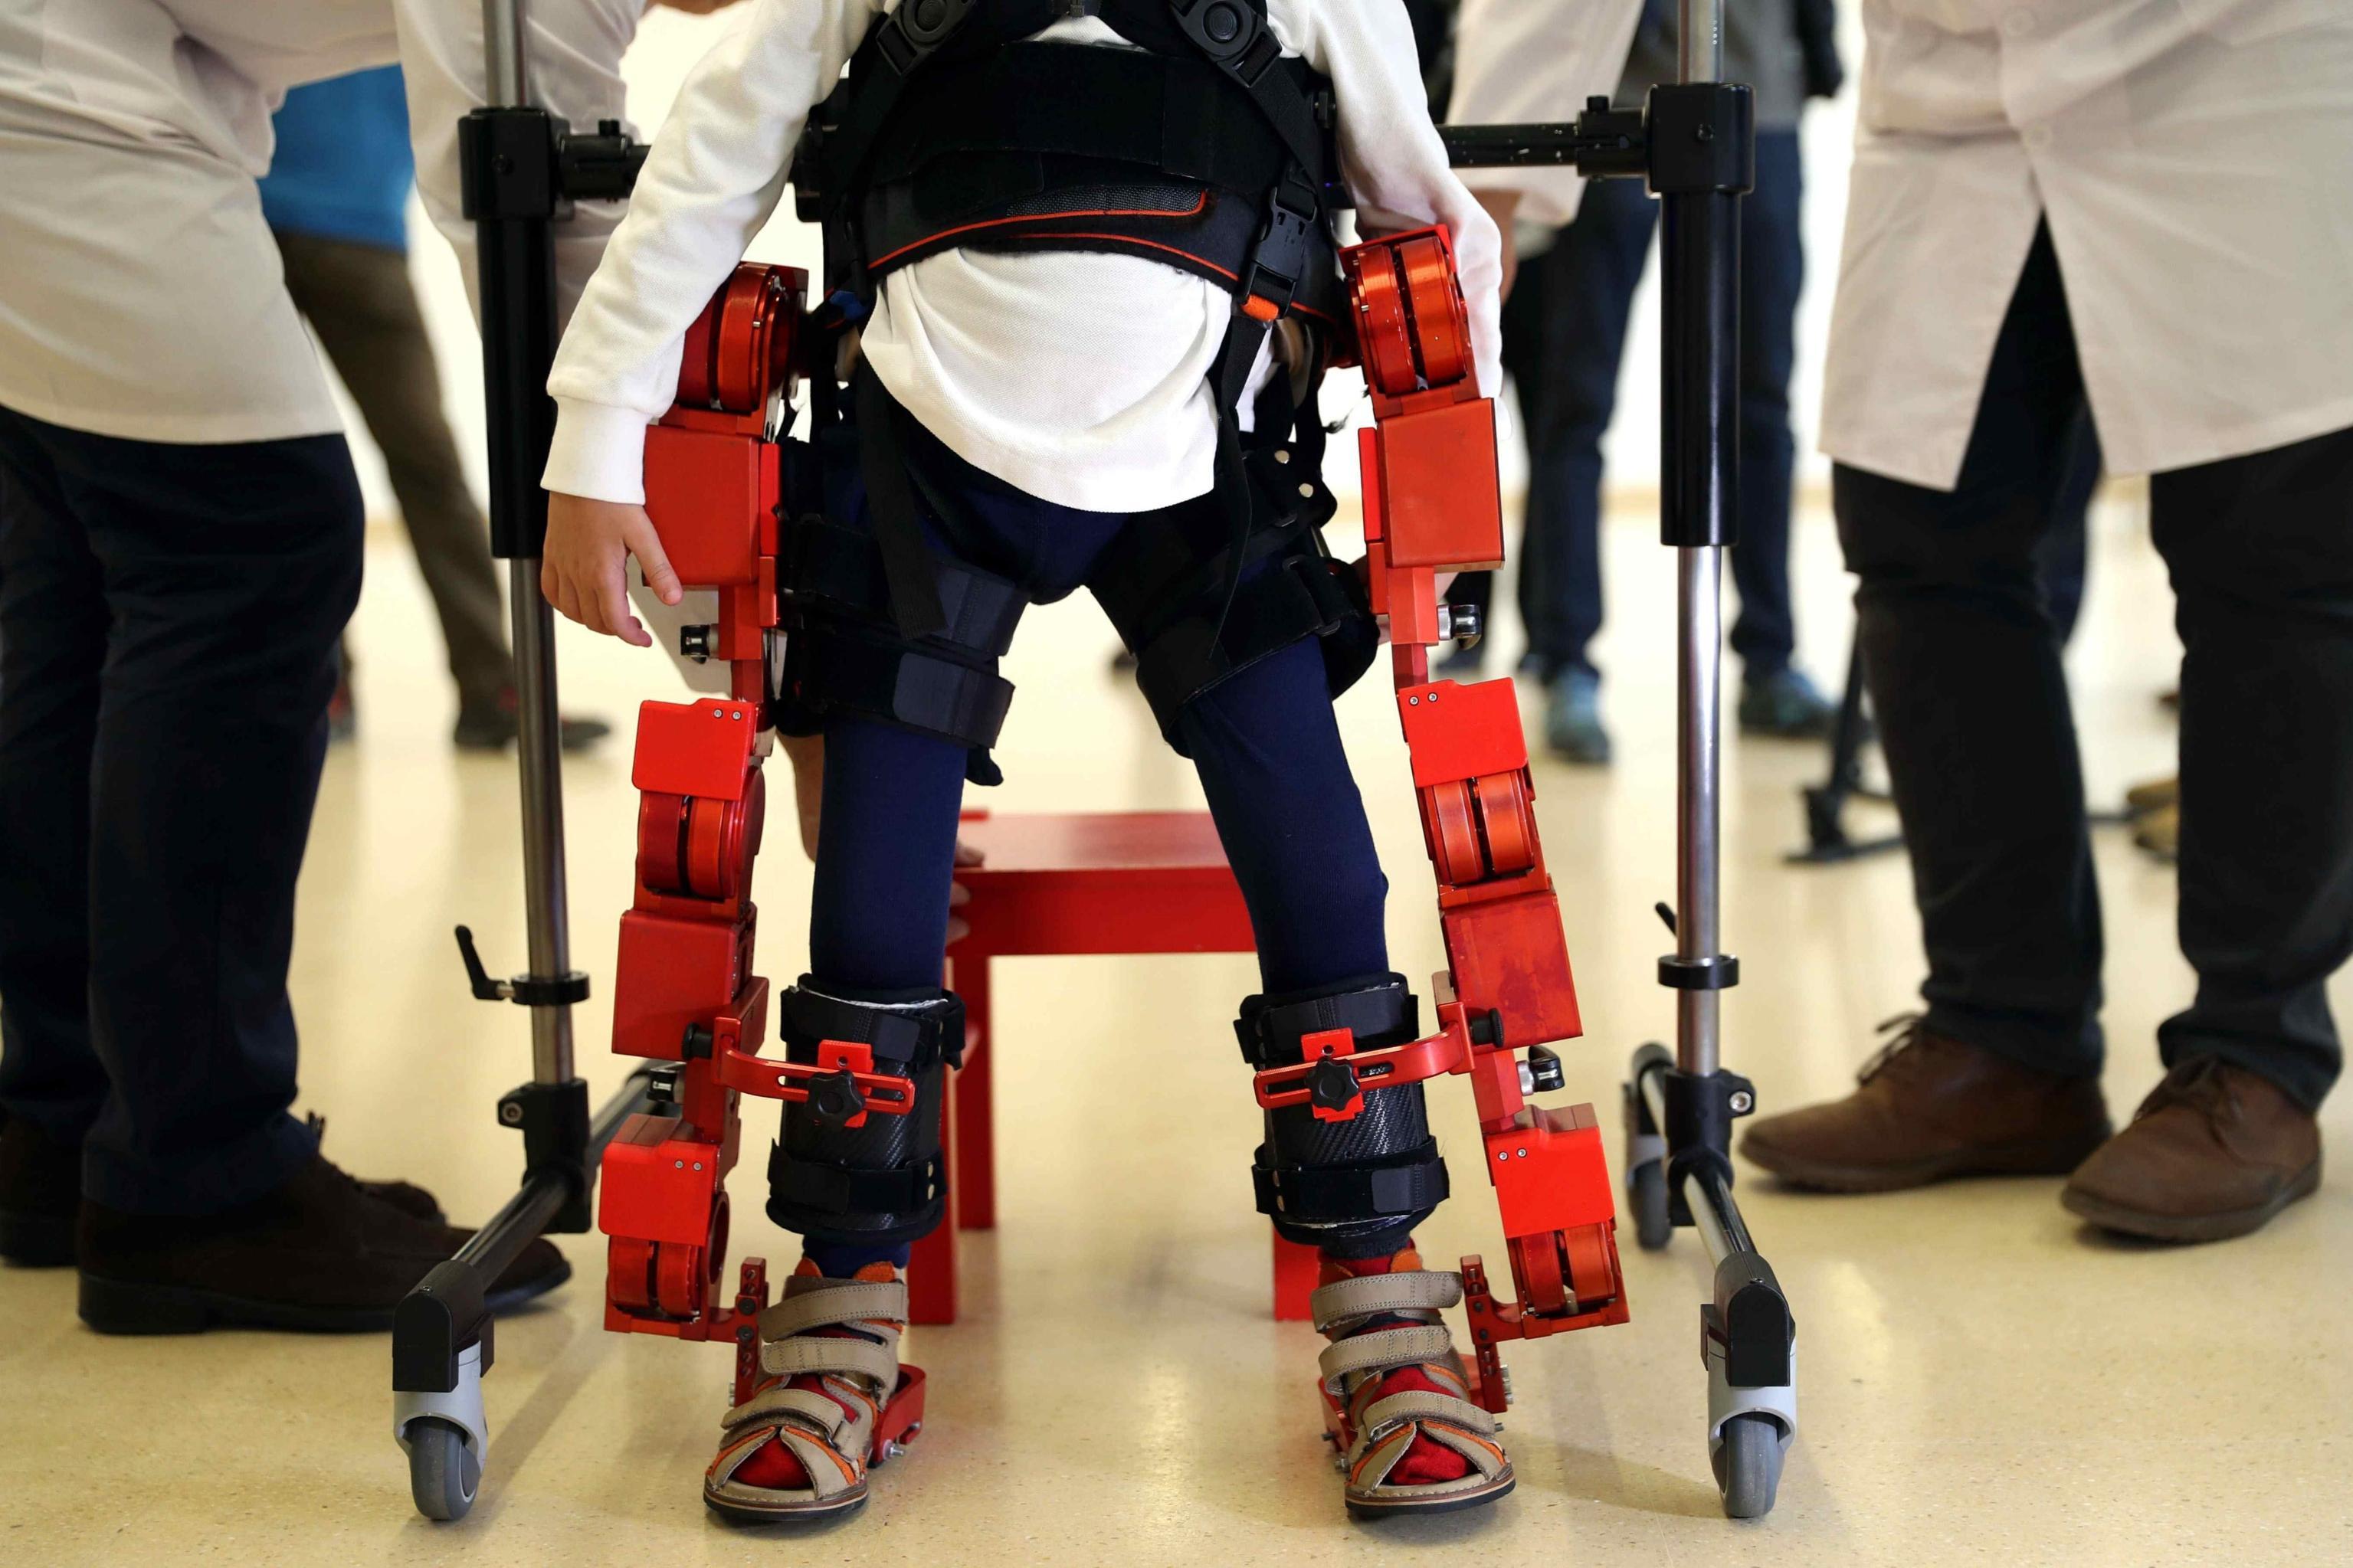 Atrofia muscolare spinale (Sma): studio mostra i benefici di una nuova terapia